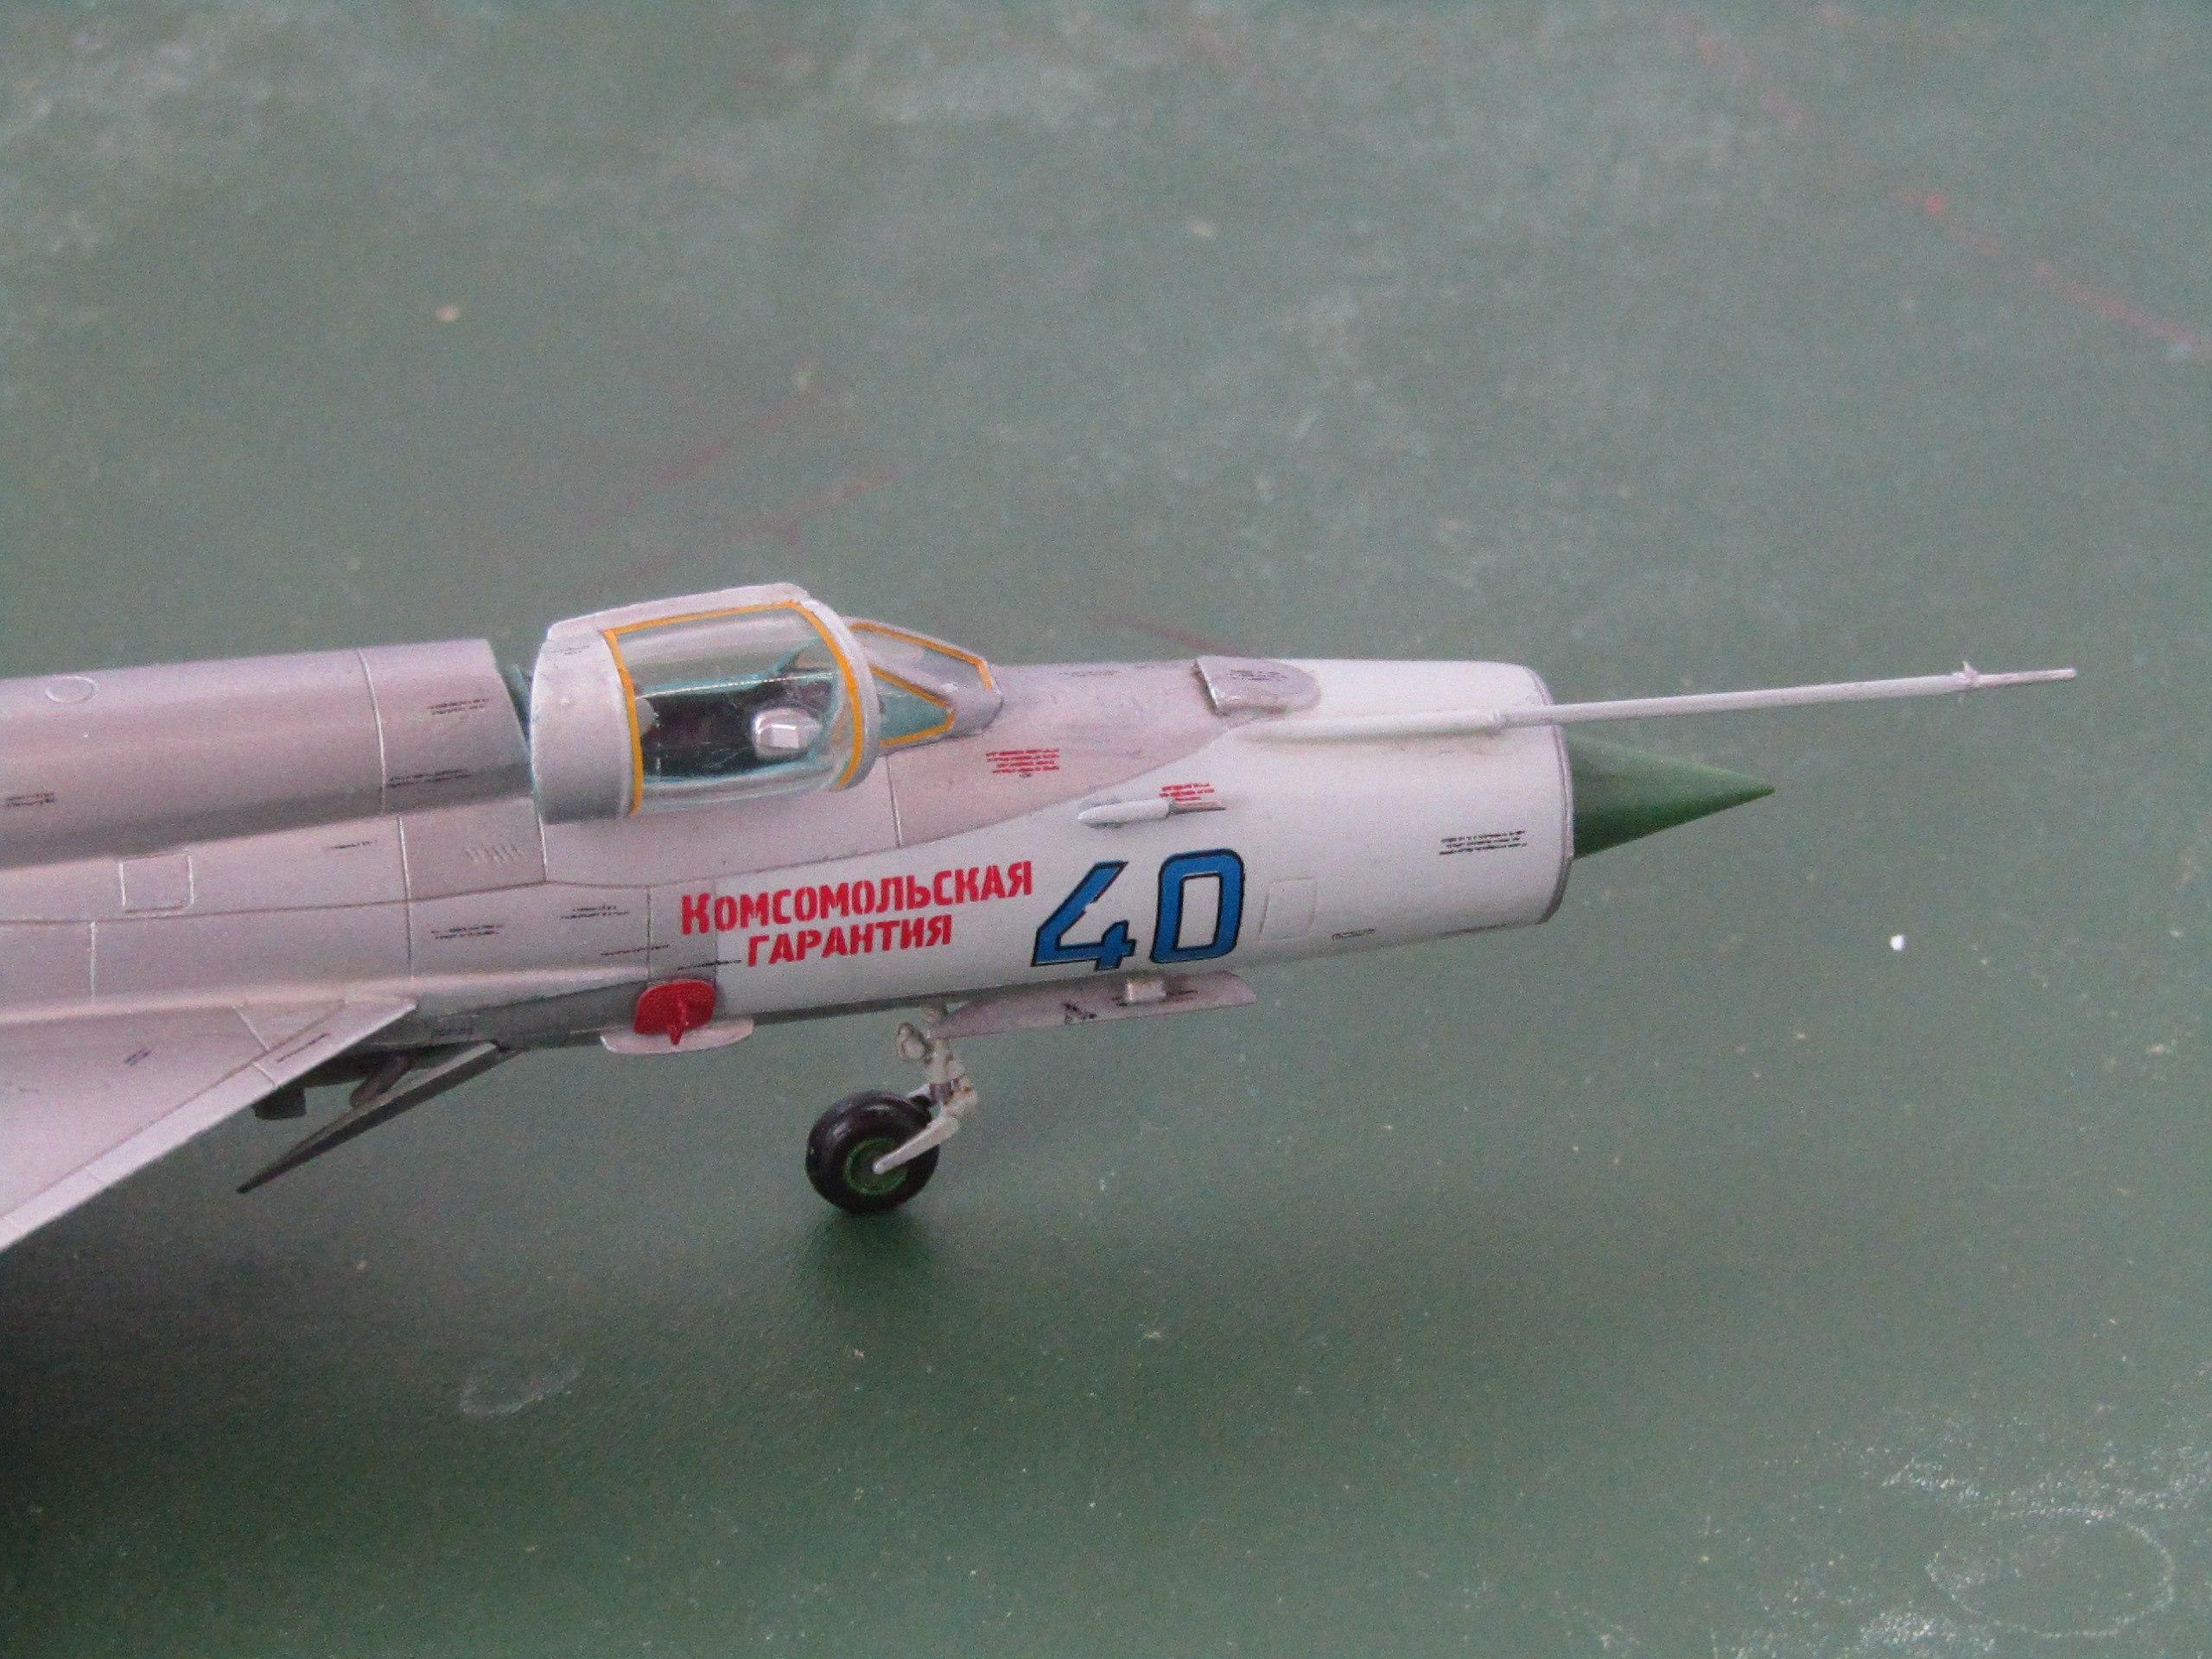 МиГ-21БИС 1/72 (Звезда) 7YSjmQ5l46Q